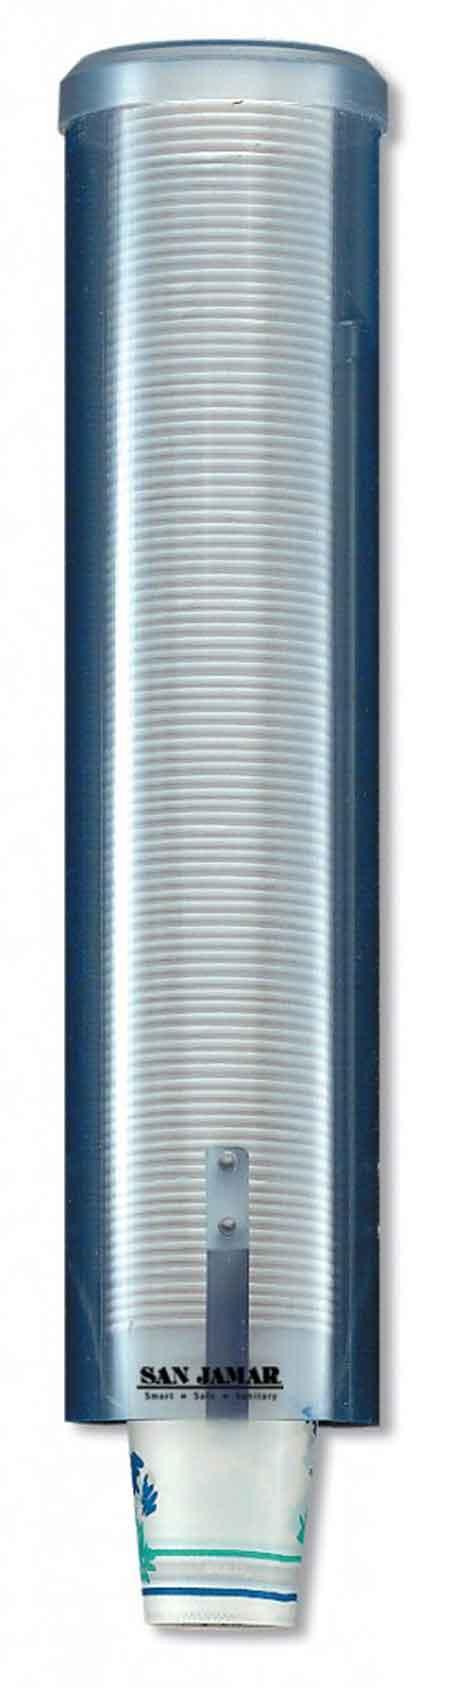 San Jamar SJMC3260TBL Cup Dispenser, Arctic Blue